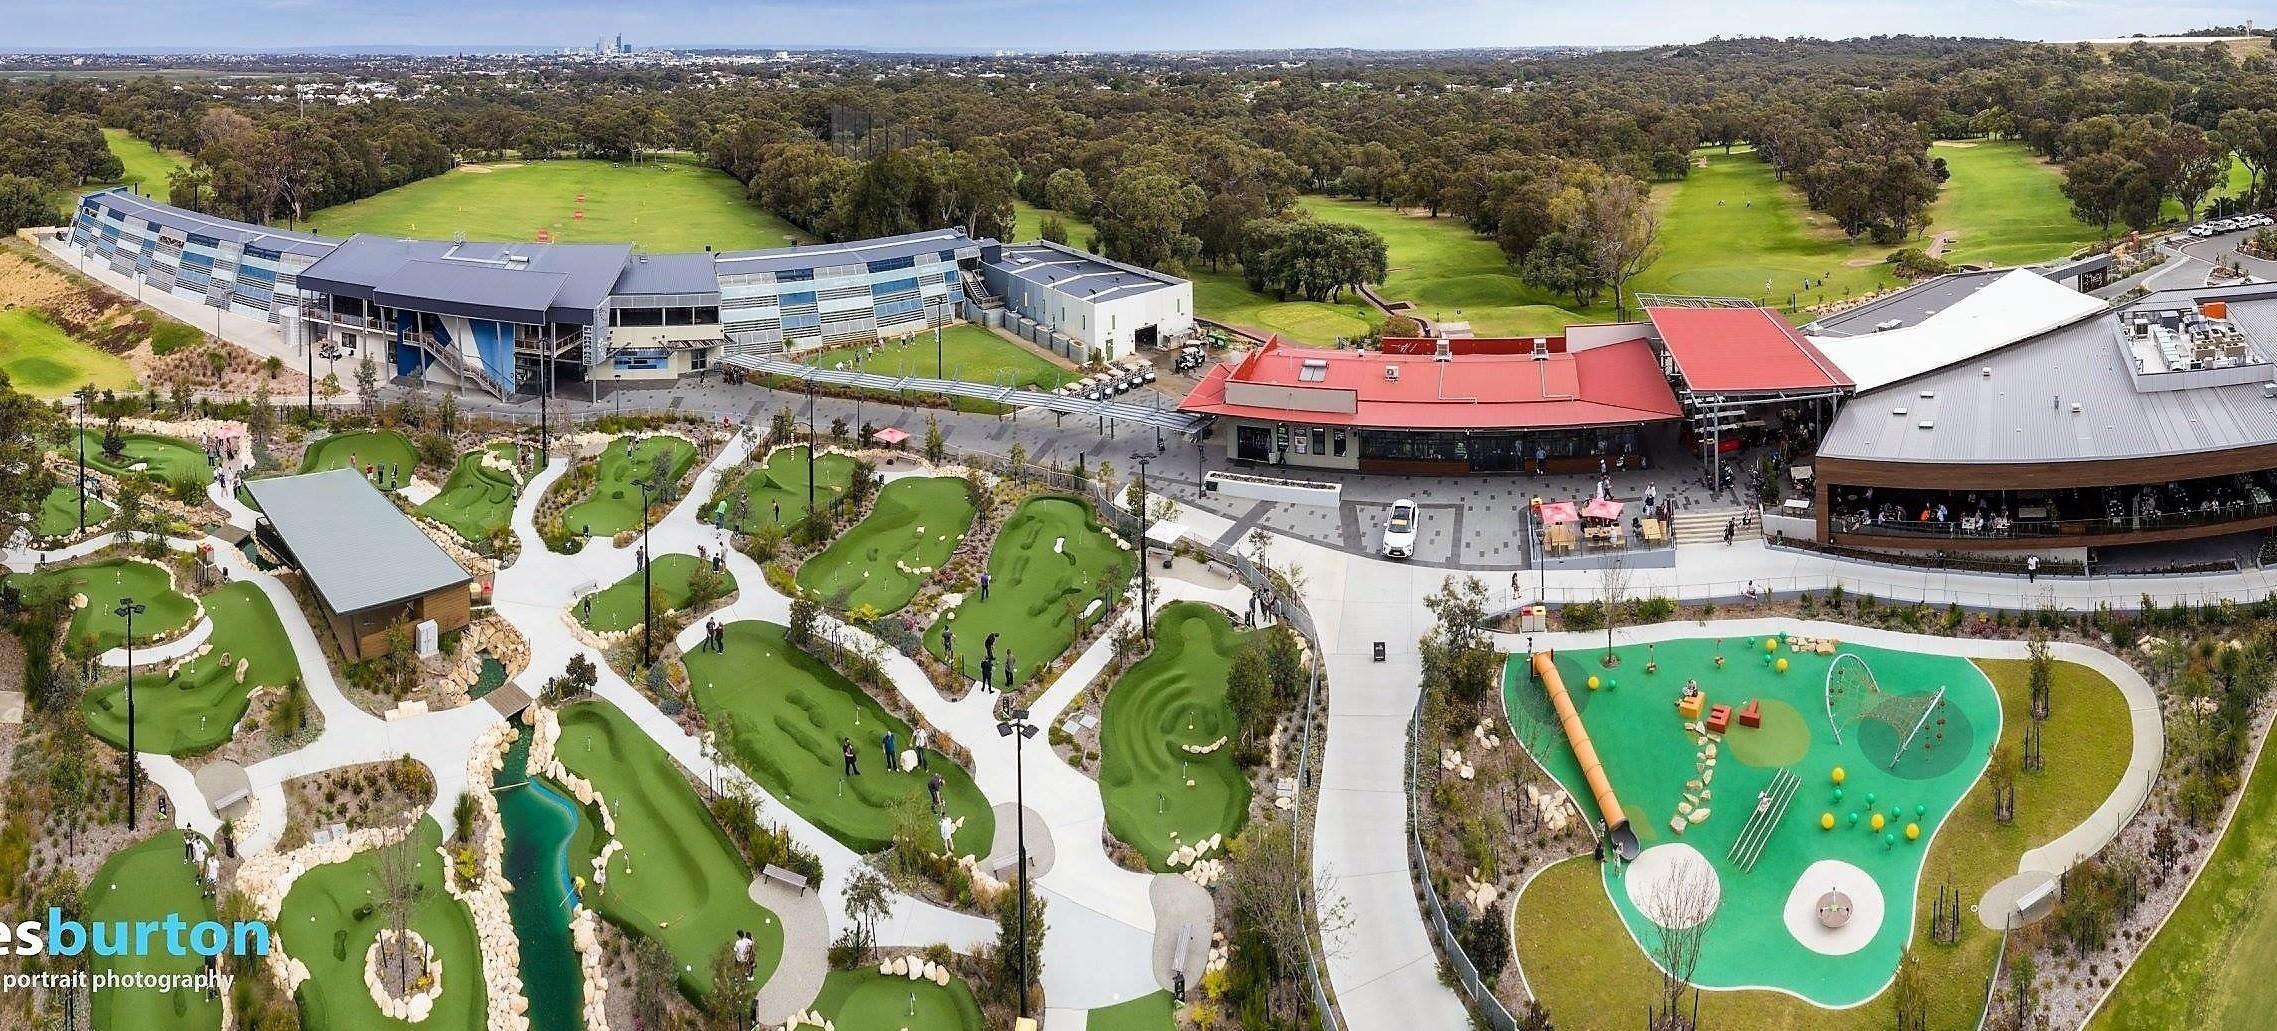 Public Golf Course in Perth